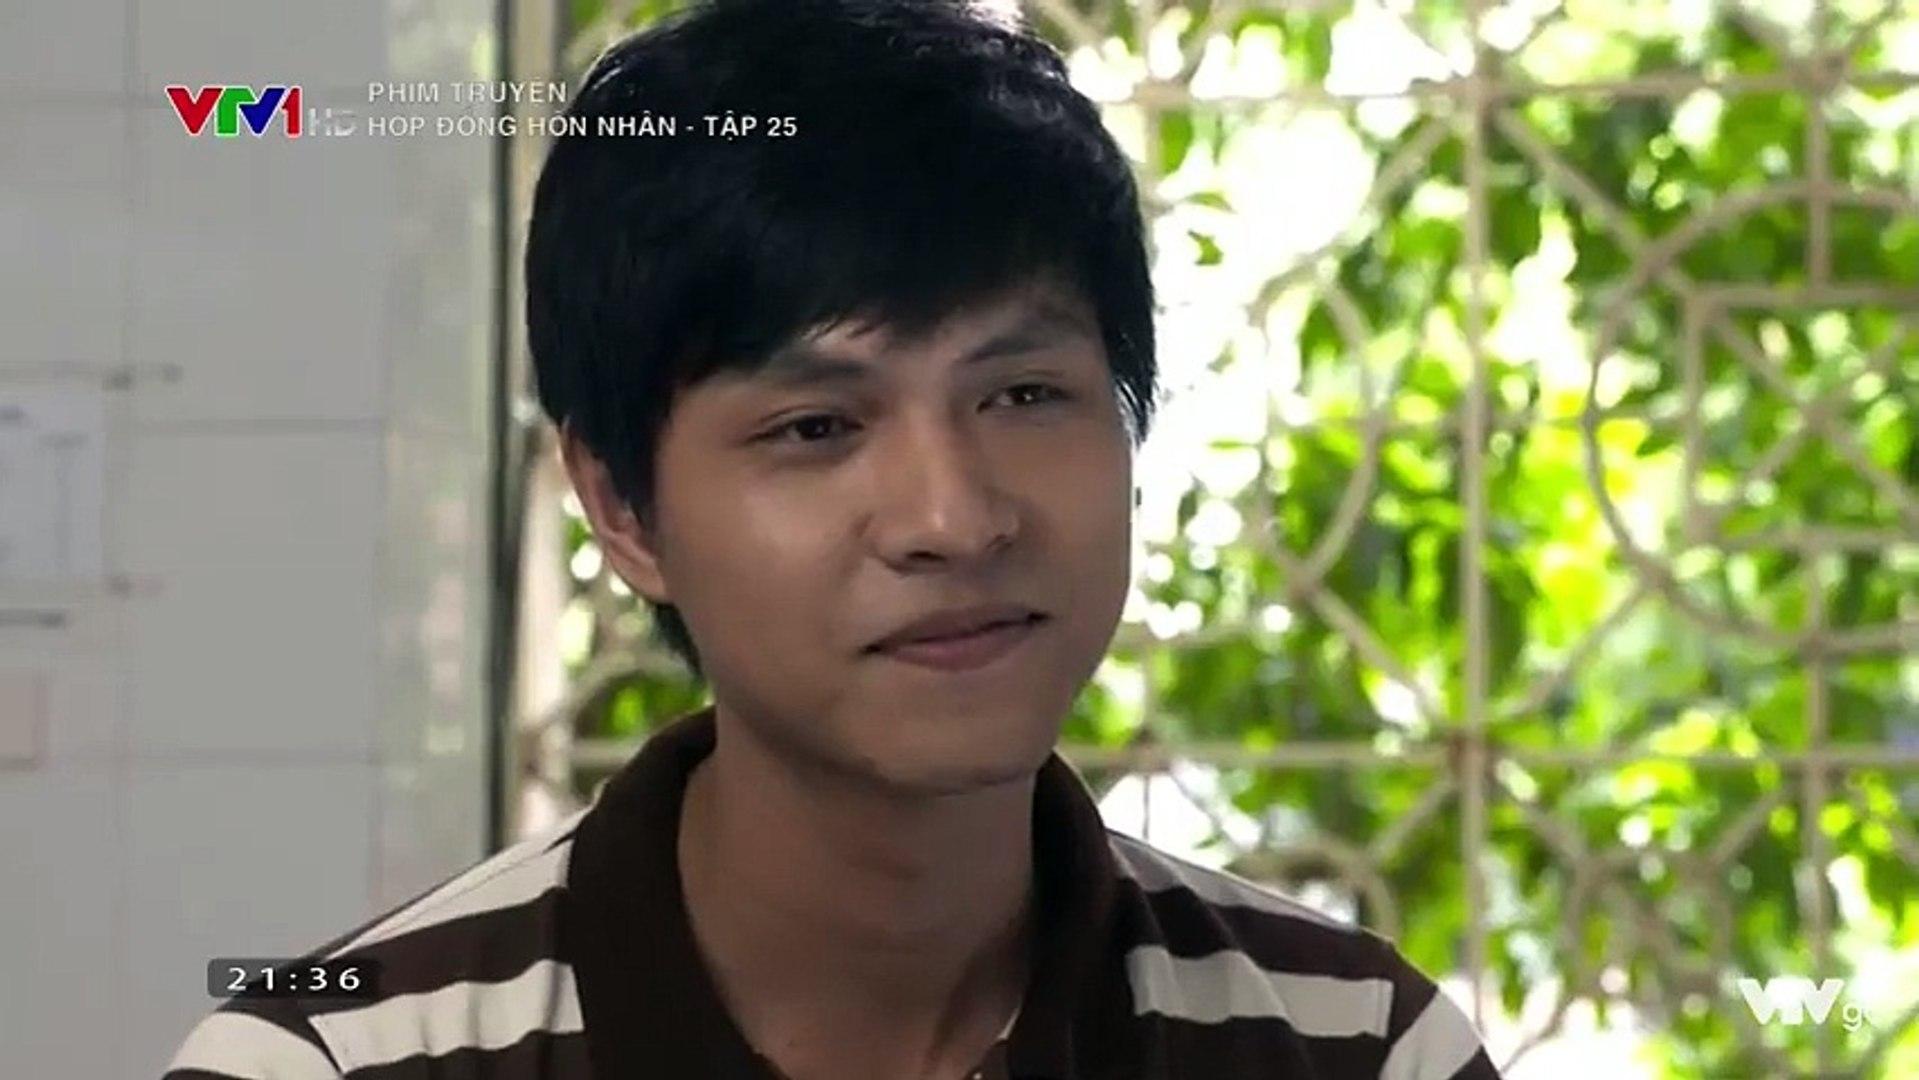 Hợp đồng hôn nhân tập 25 b Full VTV1 | Phim Việt Nam Hay nhất